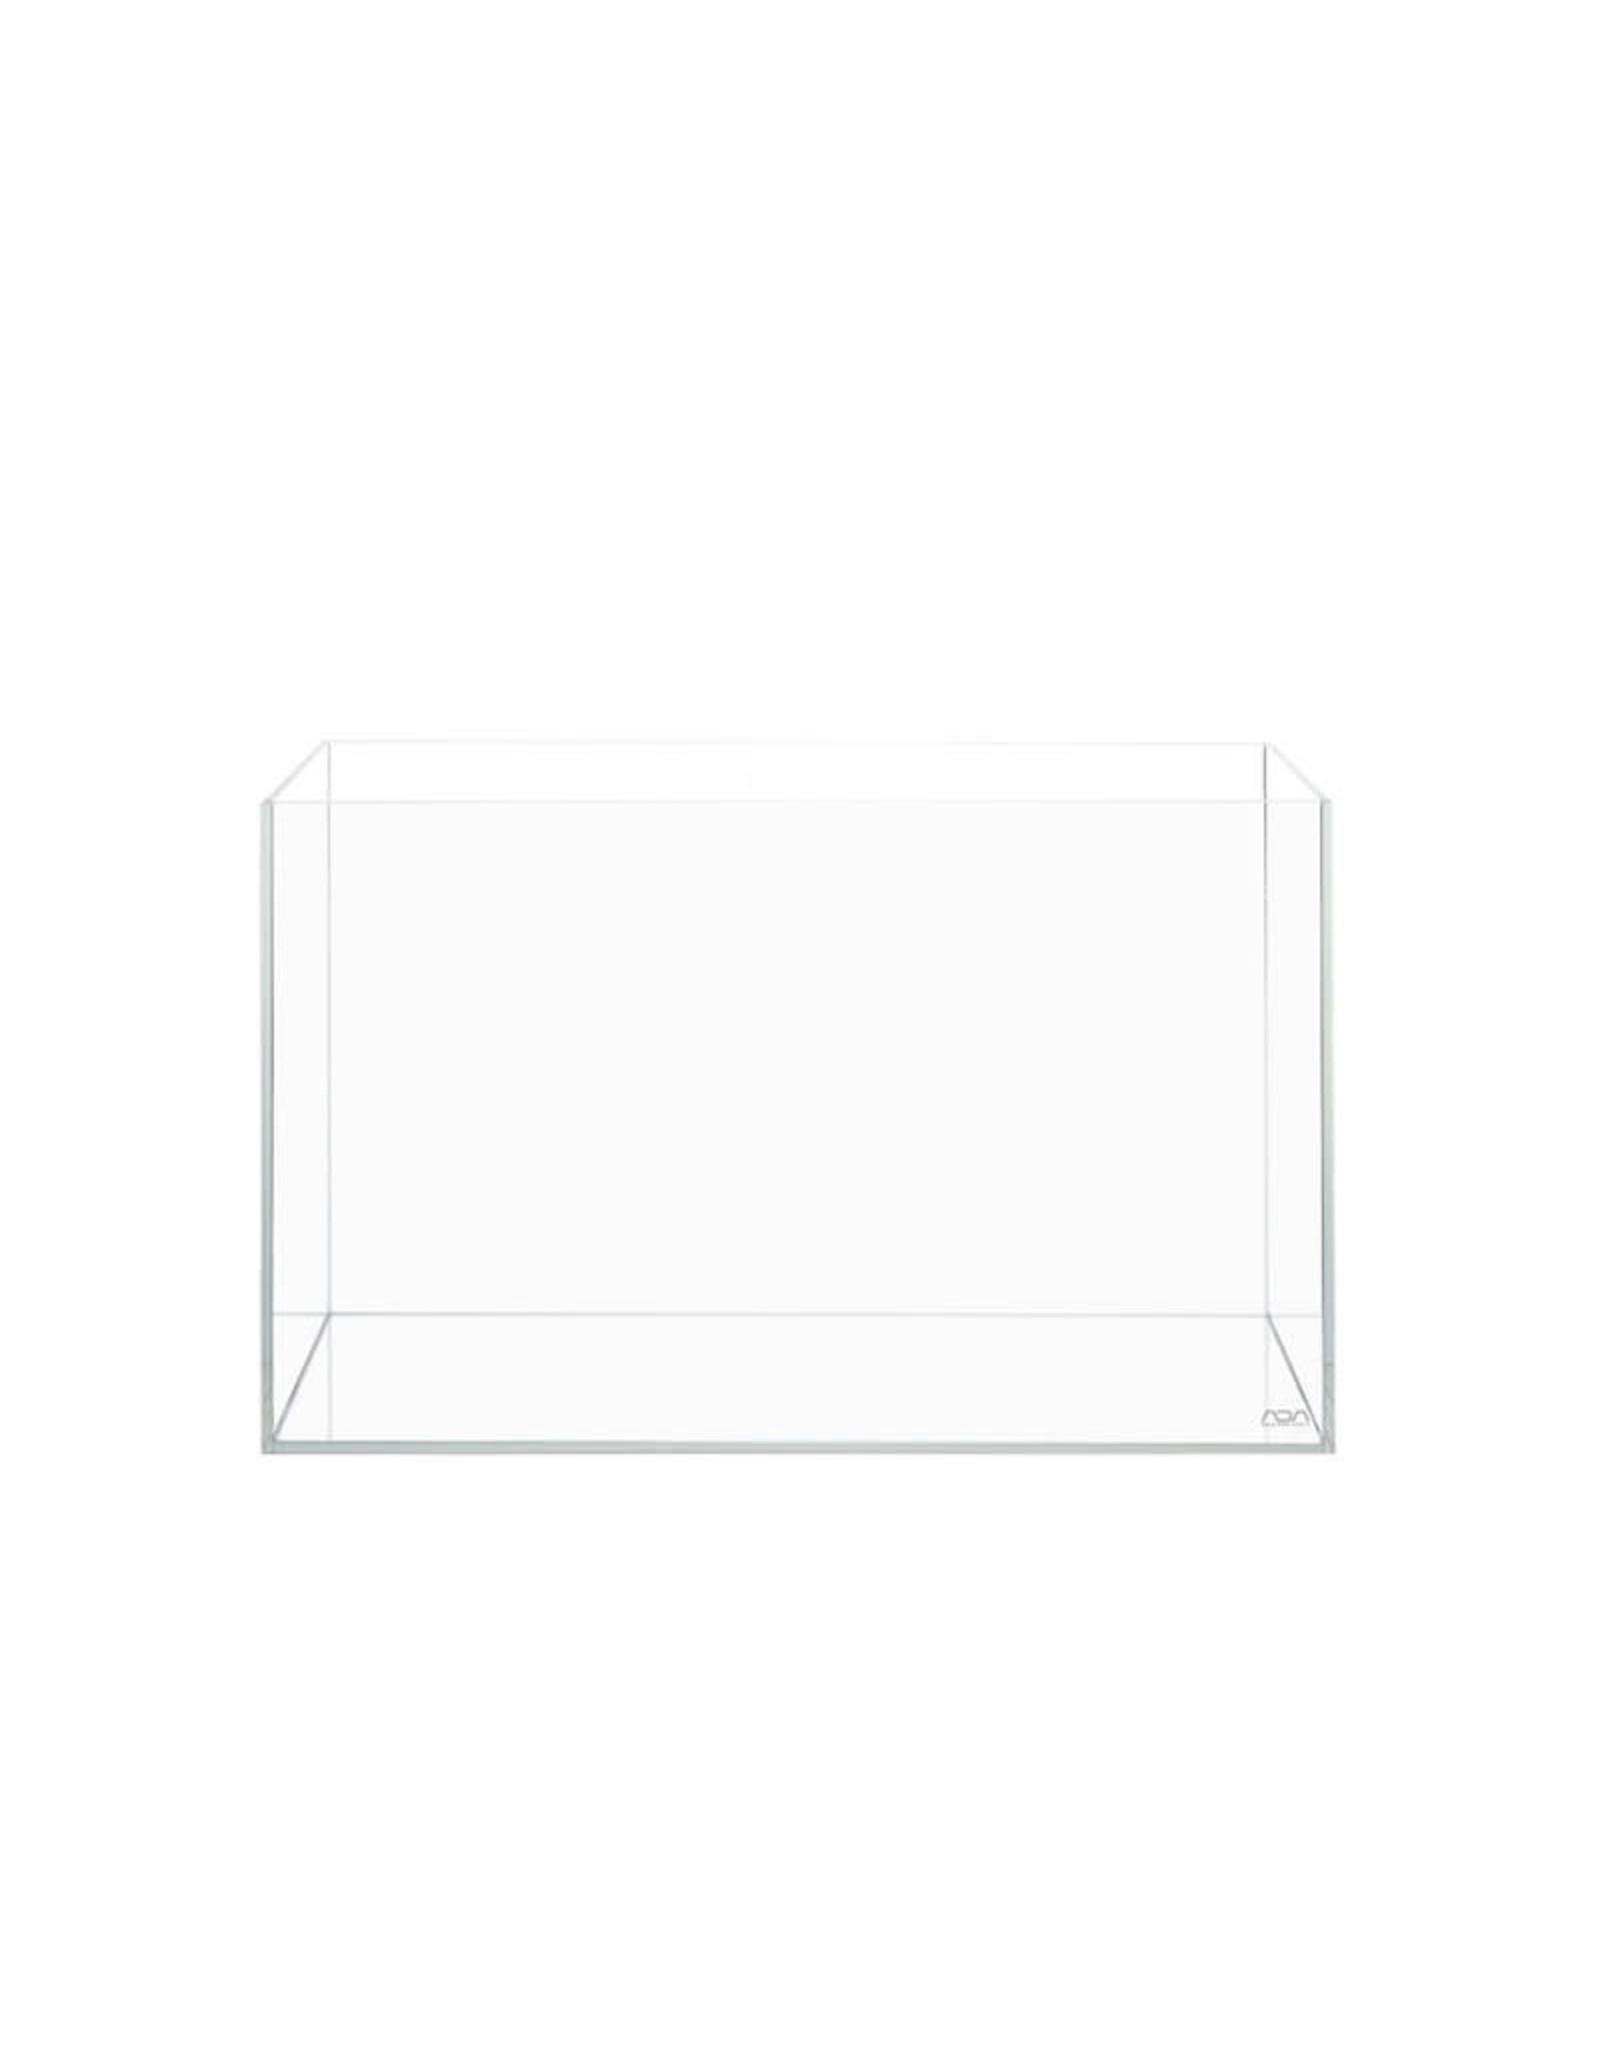 ADA Cube Garden 90-P (90x45x45cm/10mm) incl. 8 hooks